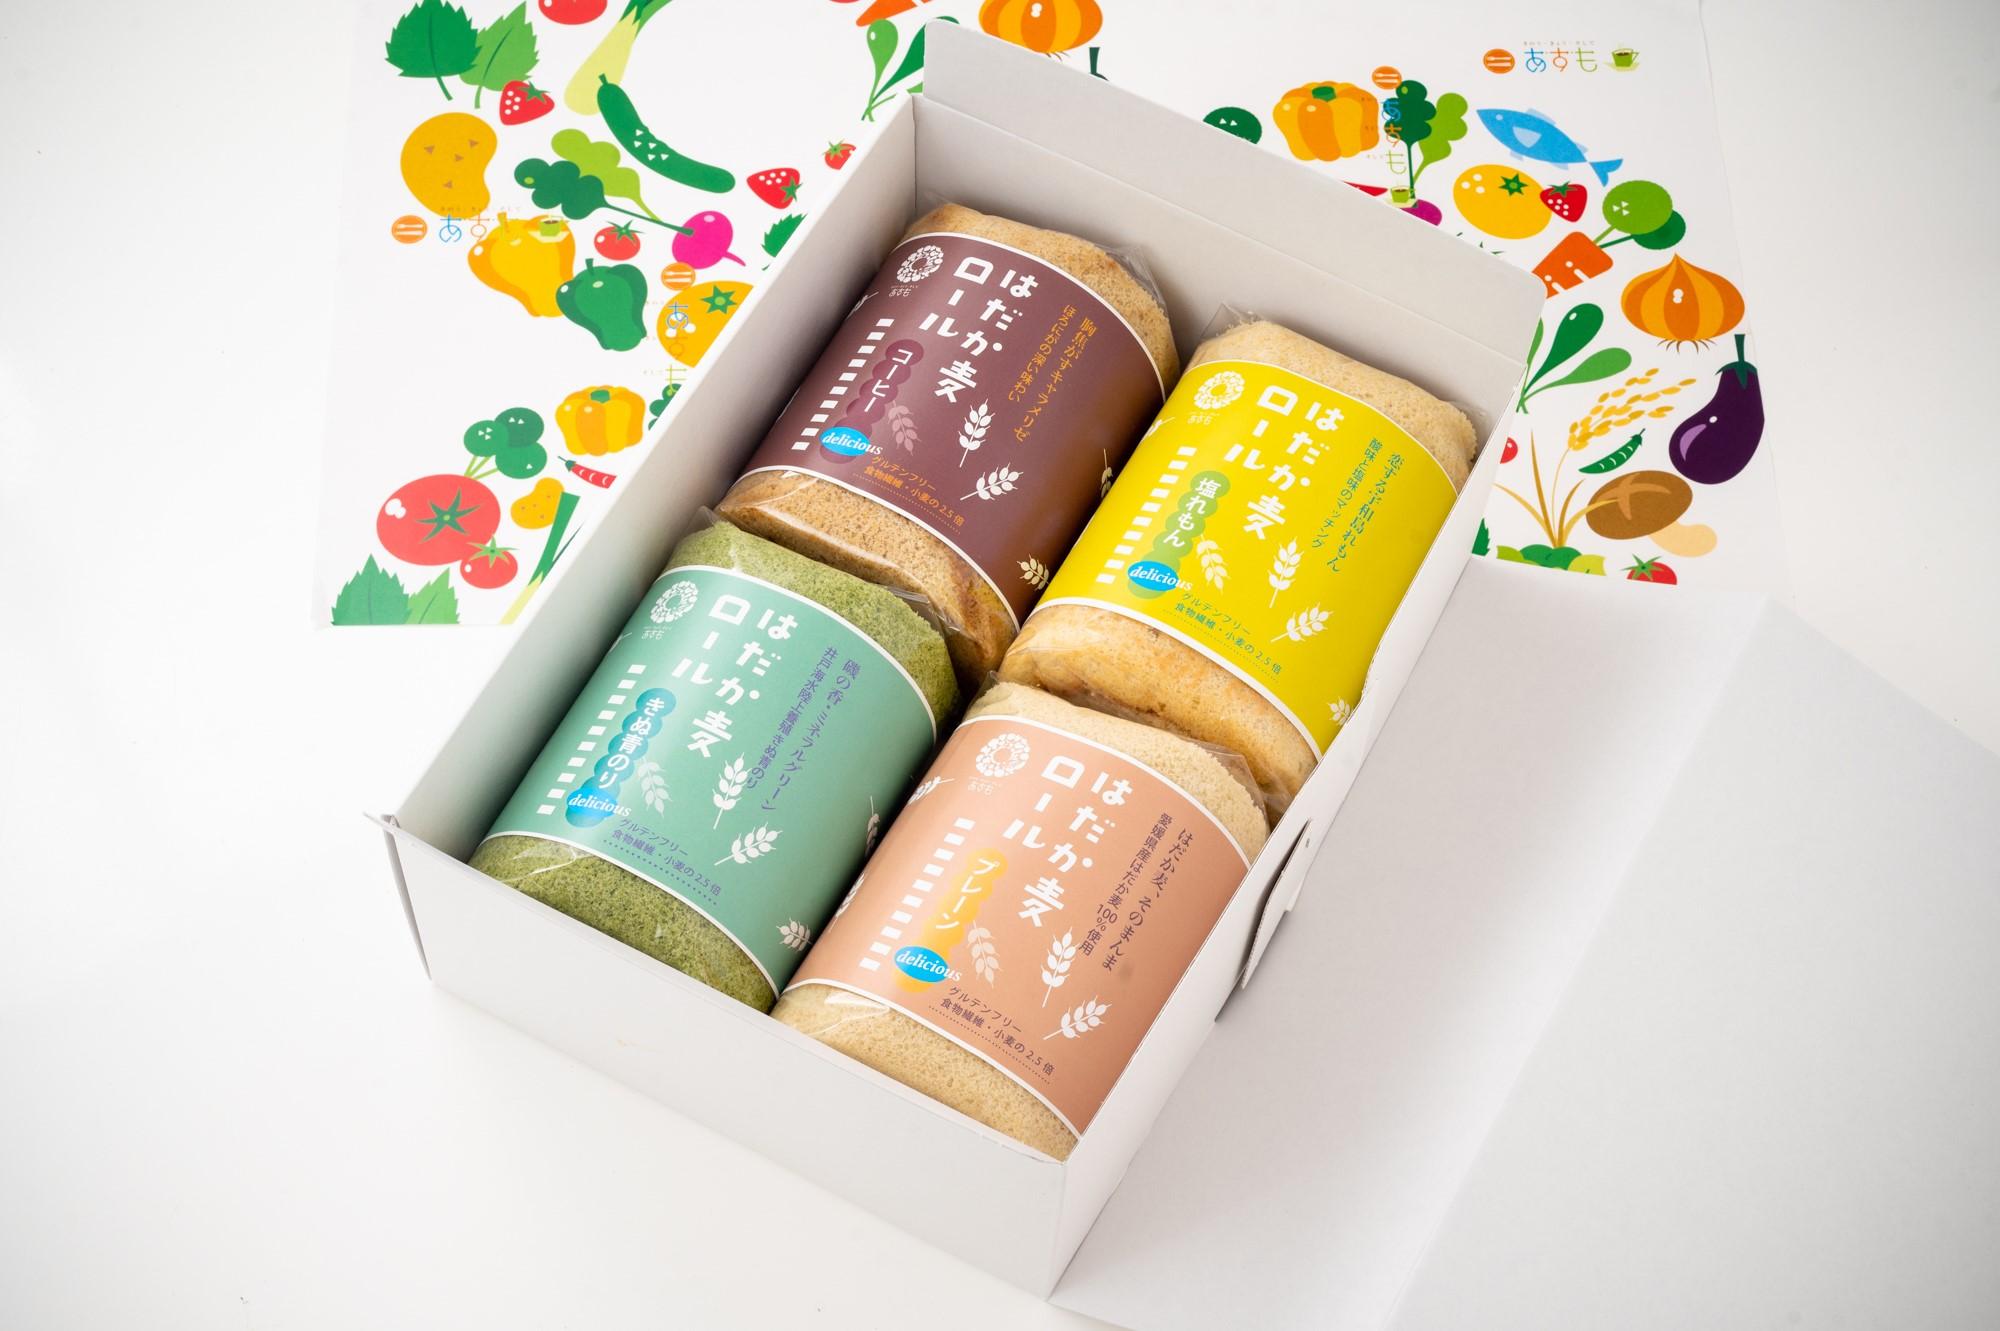 【愛媛県】グルテンフリーのはだか麦ロール 4種セット(冷凍)